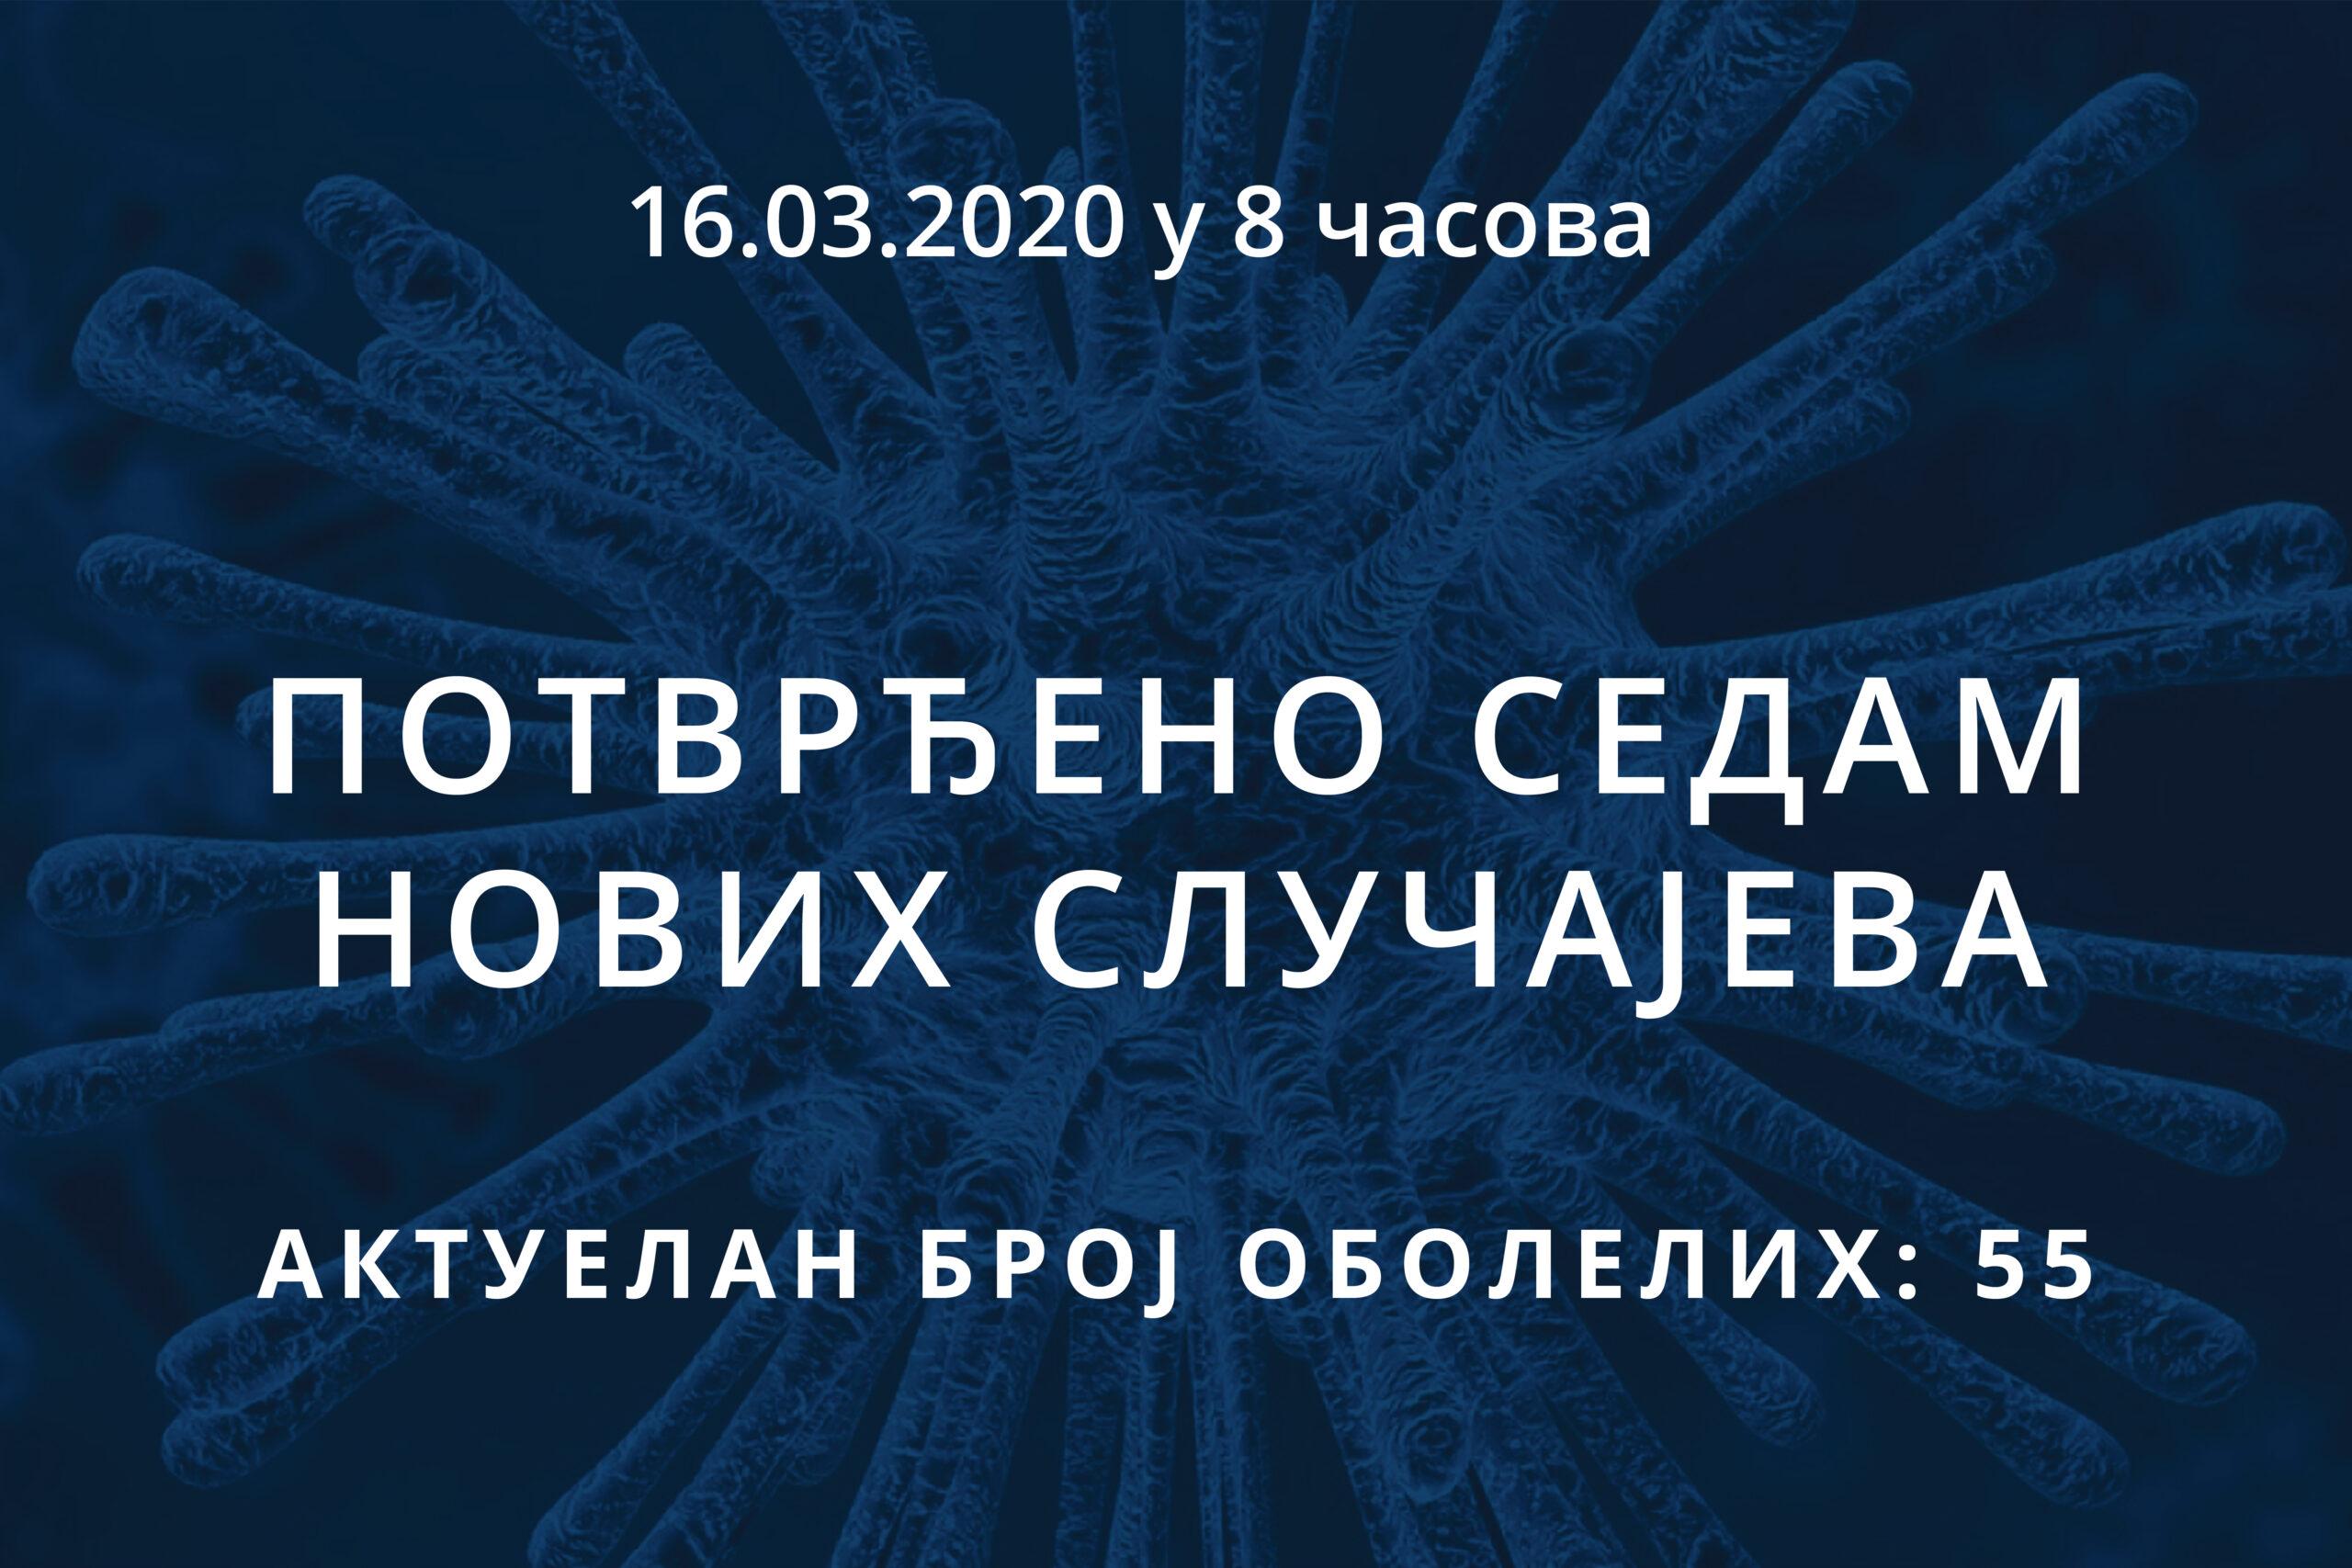 You are currently viewing Информације о корона вирусу COVID-19, 16.03.2020 у 8 часова